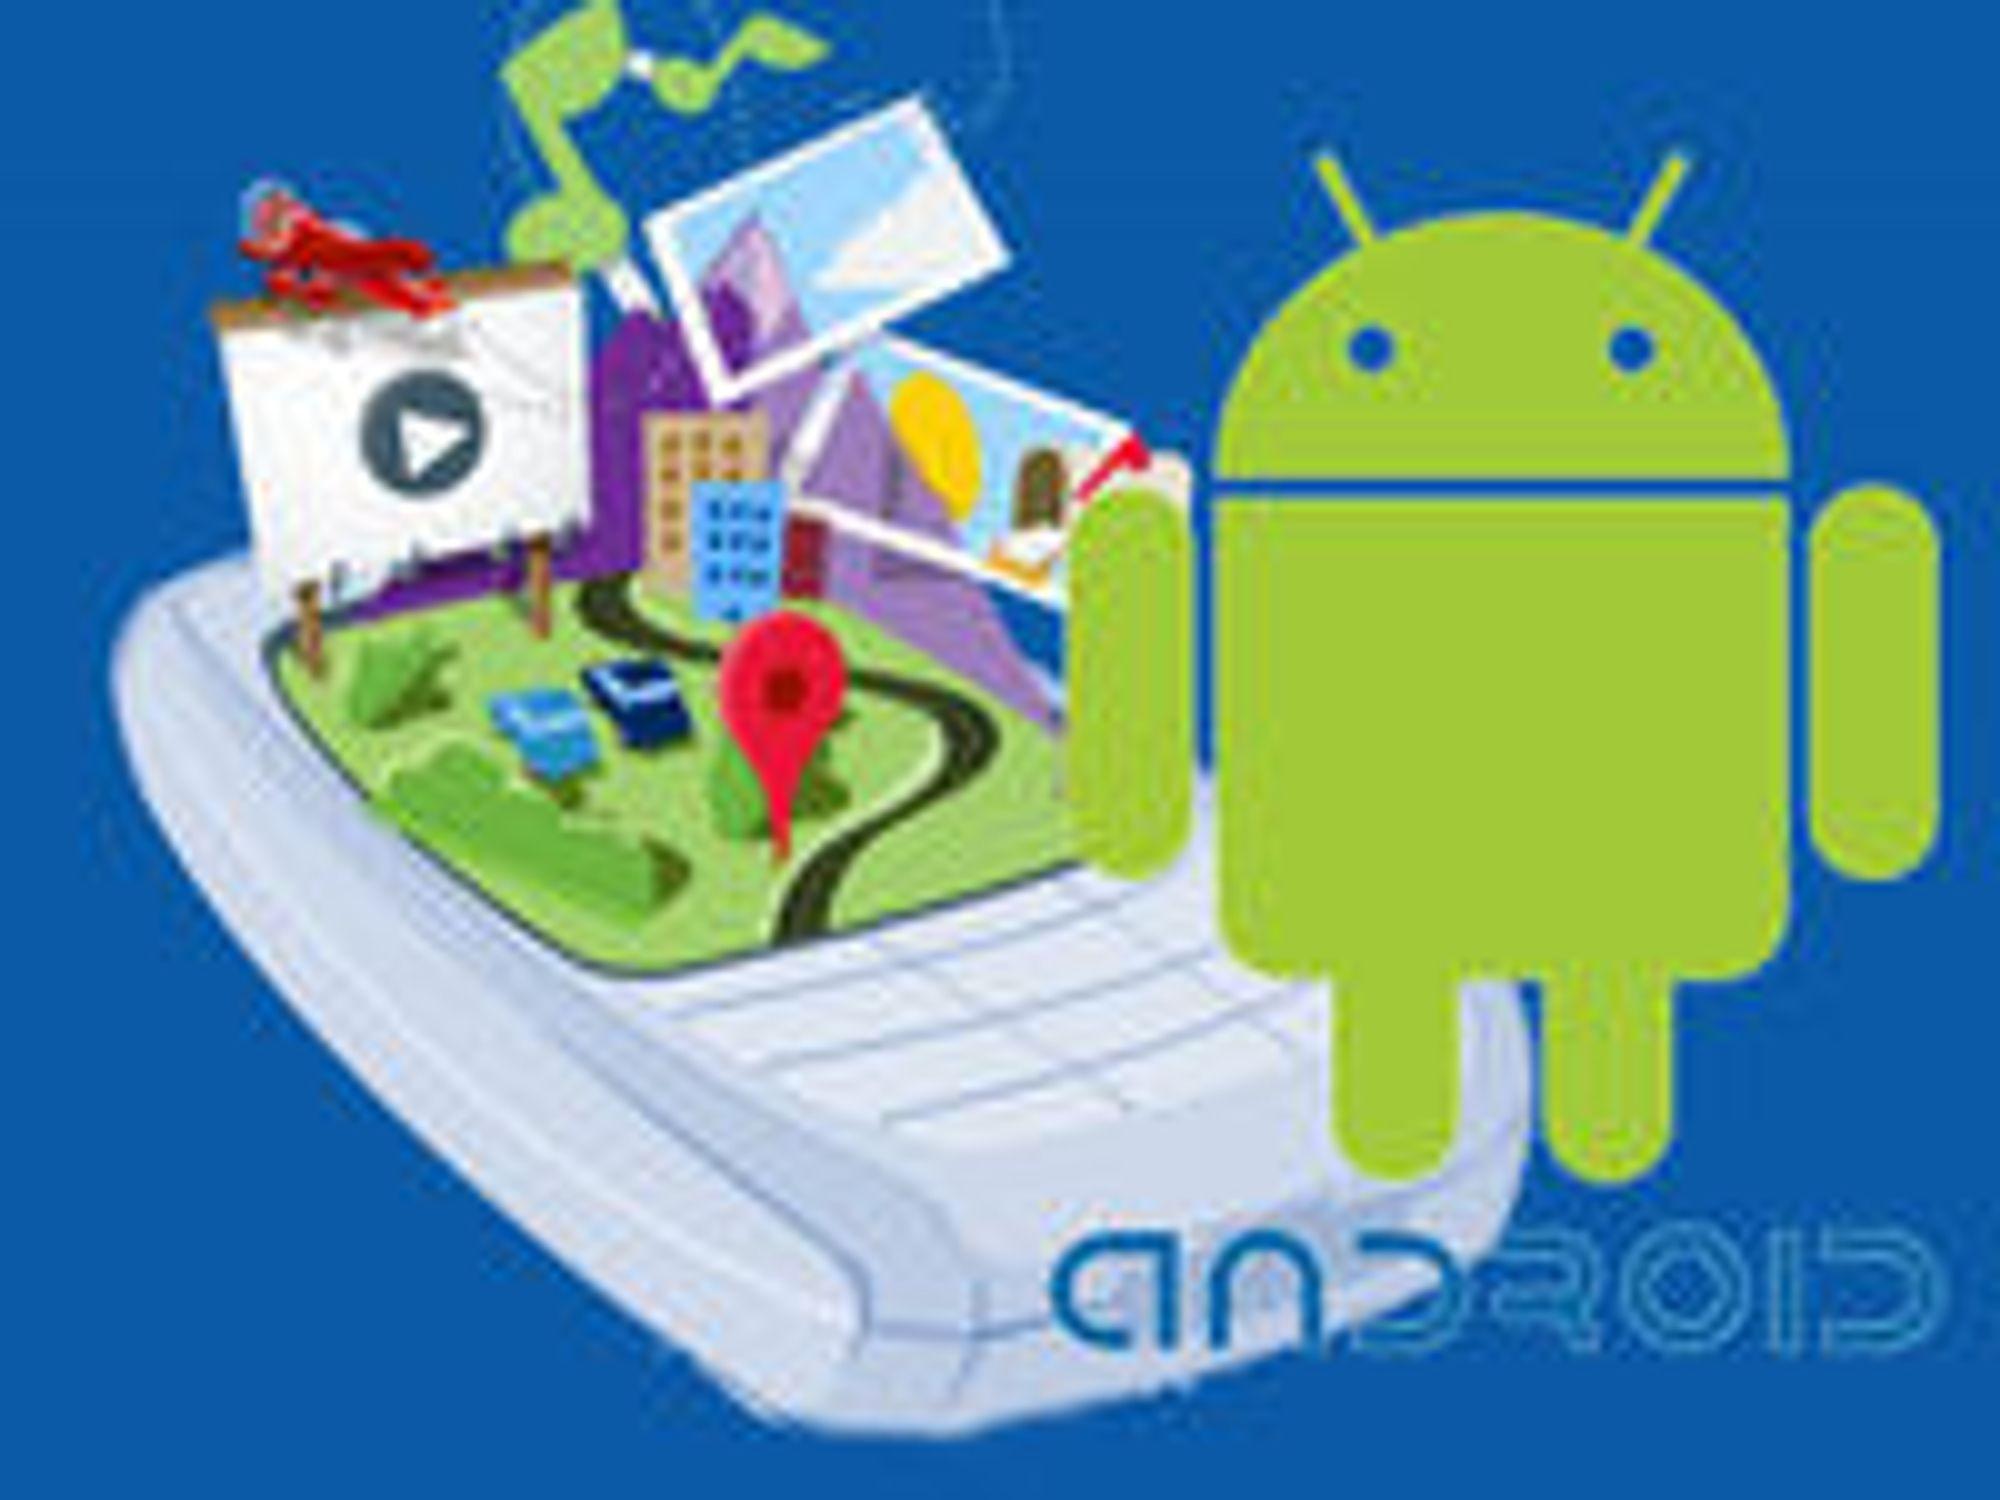 Android Market har 20.000 programmer på menyen, men svært mange av dem er ikke tilgjengelig for norske kunder.